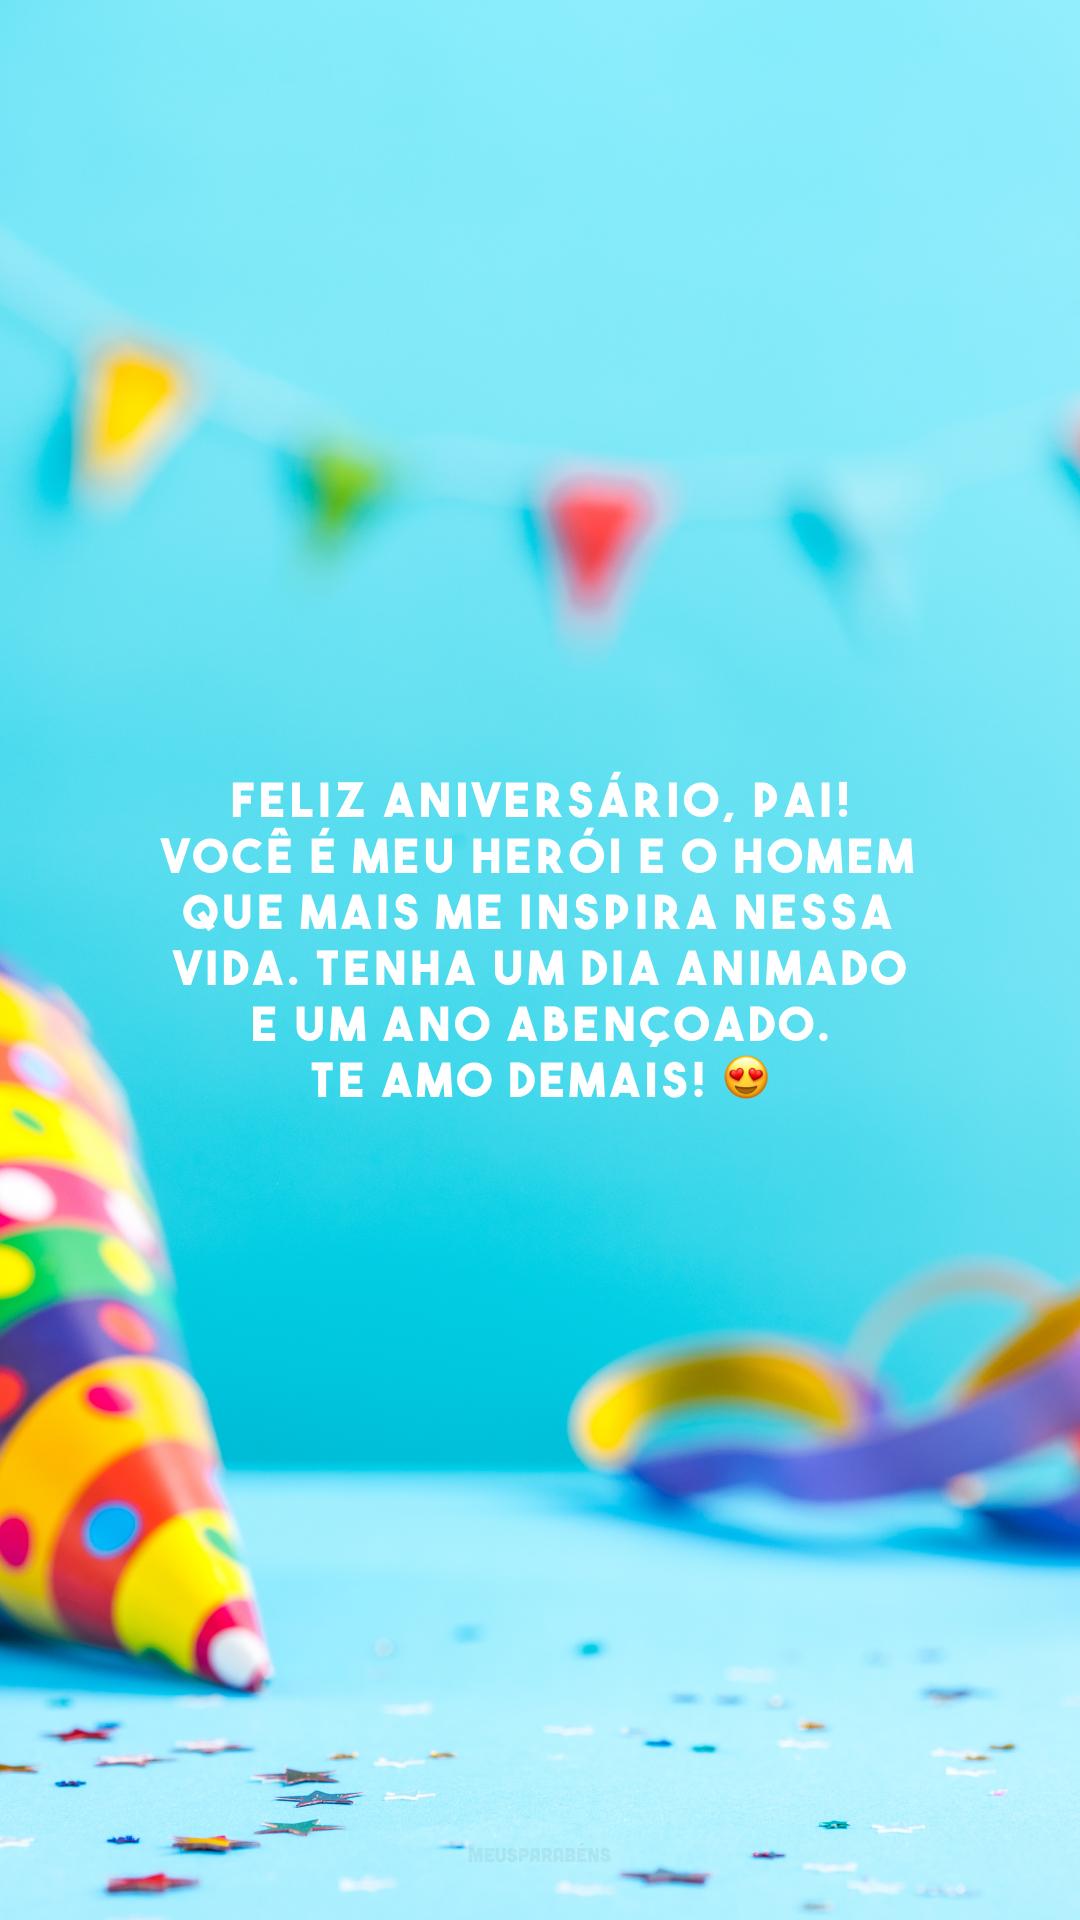 Feliz aniversário, pai! Você é meu herói e o homem que mais me inspira nessa vida. Tenha um dia animado e um ano abençoado. Te amo demais! 😍